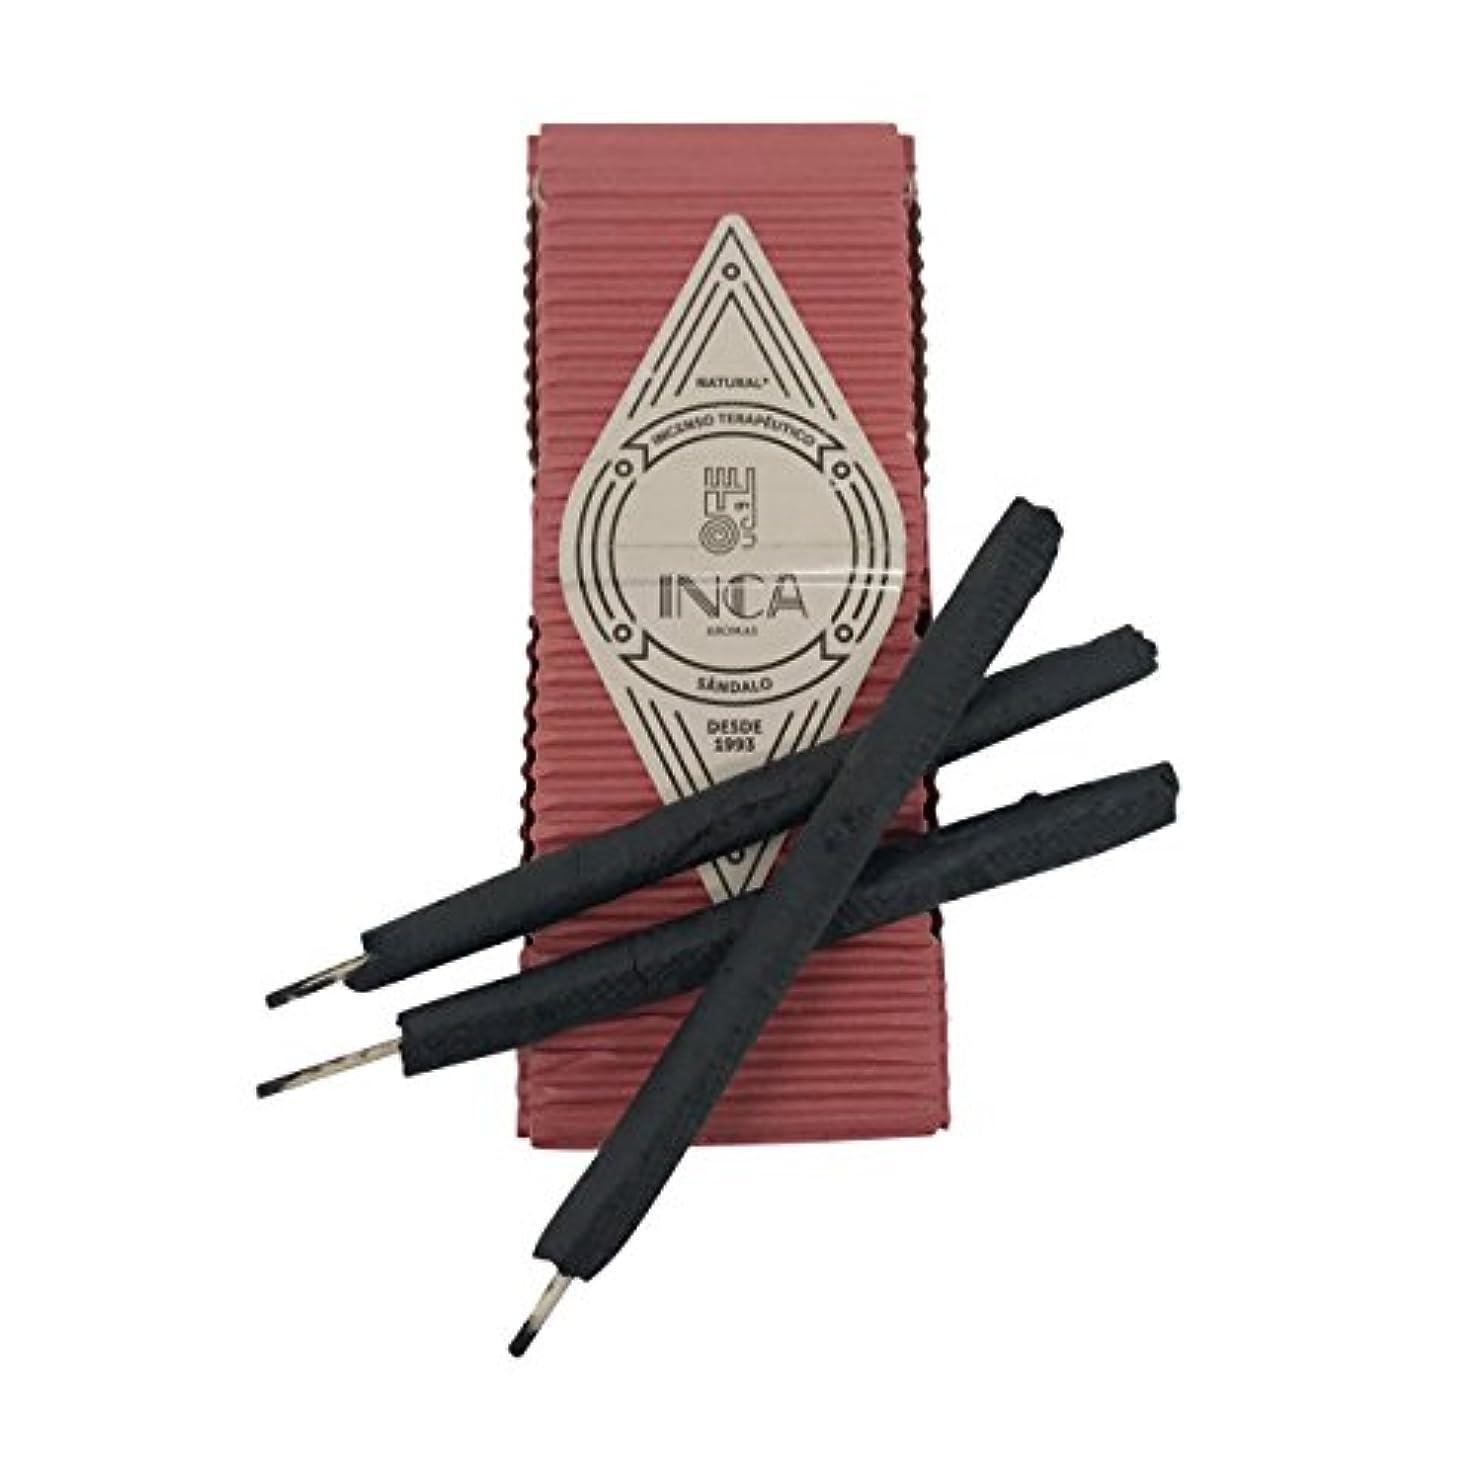 仮説余計なダメージ新しいボックスの9プレミアムSandalwood Incense Sticks :手作り100 %ナチュラル、アーティザンand Therapeutic Incense Stickからのブラジルアマゾンフォレスト、経験正...